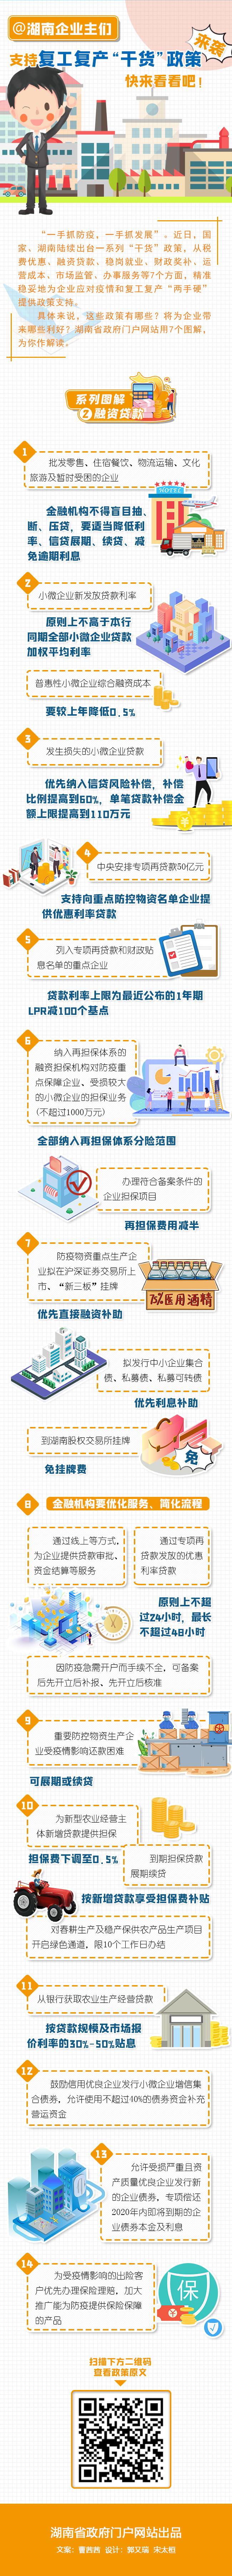 """@湖南企业主们 支持复工复产""""干货""""政策来袭 快来看看吧! 新湖南www.hunanabc.com"""